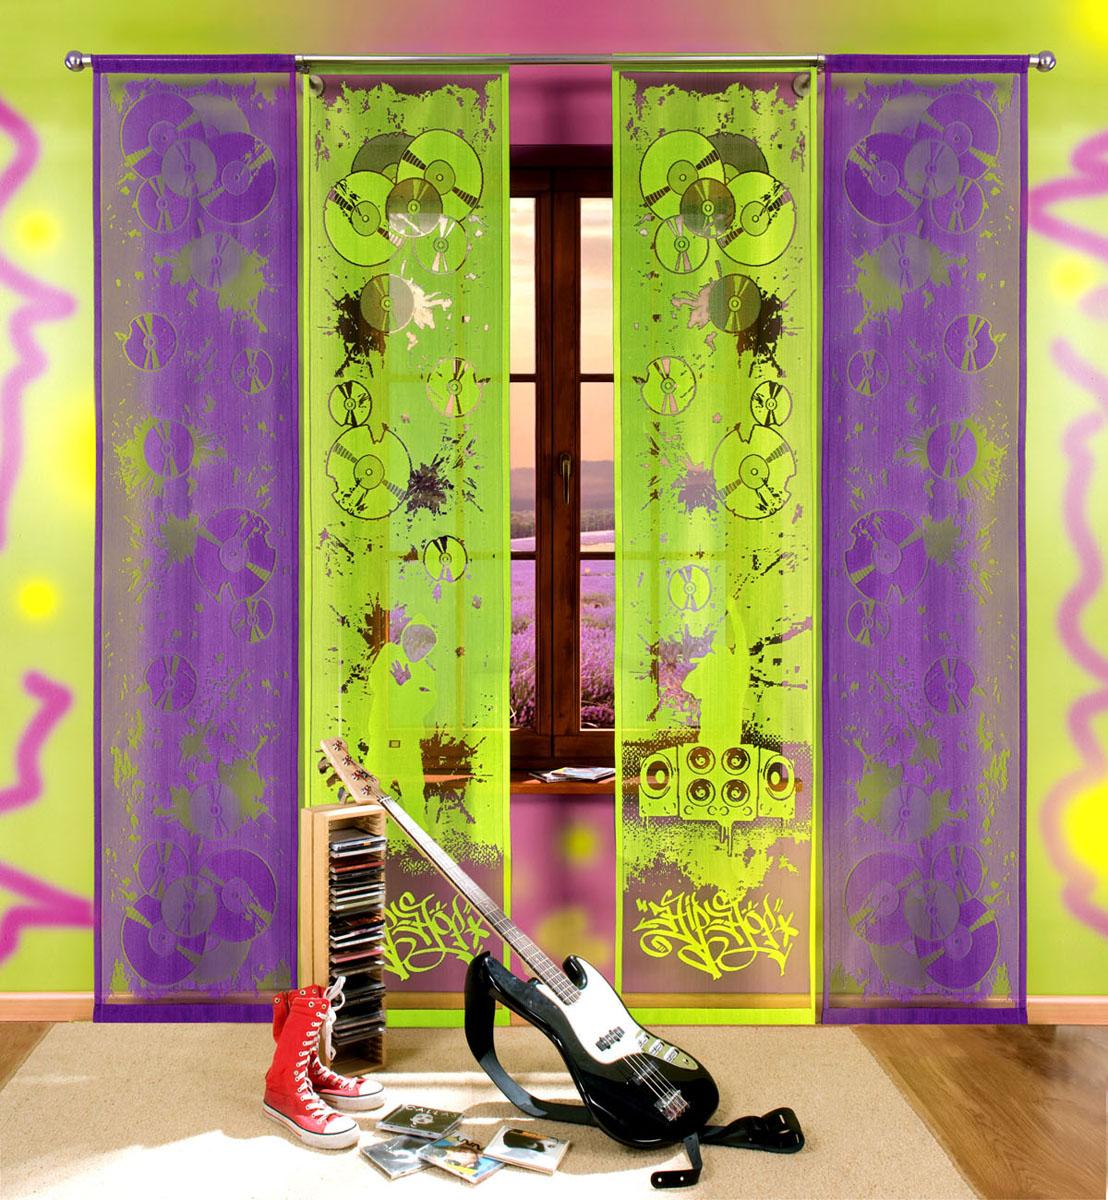 Комплект гардин-панно Hip-hop, на кулиске, цвет: зеленый, фиолетовый, высота 240 см700608Комплект гардин-панно Hip-hop, изготовленный из полиэстера, станет великолепным украшением любого окна. В комплект входят две гардины зеленого цвета и две гардины фиолетового цвета. Оригинальный принт в виде музыкальных дисков и граффити, яркая цветовая гамма привлекут к себе внимание и органично впишутся в интерьер комнаты. Все элементы комплекта оснащены кулиской для крепления на круглый карниз. Характеристики:Материал: 100% полиэстер. Размер упаковки:27 см х 34 см х 3 см. Артикул: 700608.В комплект входит:Гардина-панно - 4 шт. Размер (Ш х В): 50 см х 240 см. Фирма Wisan на польском рынке существует уже более пятидесяти лет и является одной из лучших польских фабрик по производству штор и тканей. Ассортимент фирмы представлен готовыми комплектами штор для гостиной, детской, кухни, а также текстилем для кухни (скатерти, салфетки, дорожки, кухонные занавески). Модельный ряд отличает оригинальный дизайн, высокое качество. Ассортимент продукции постоянно пополняется.